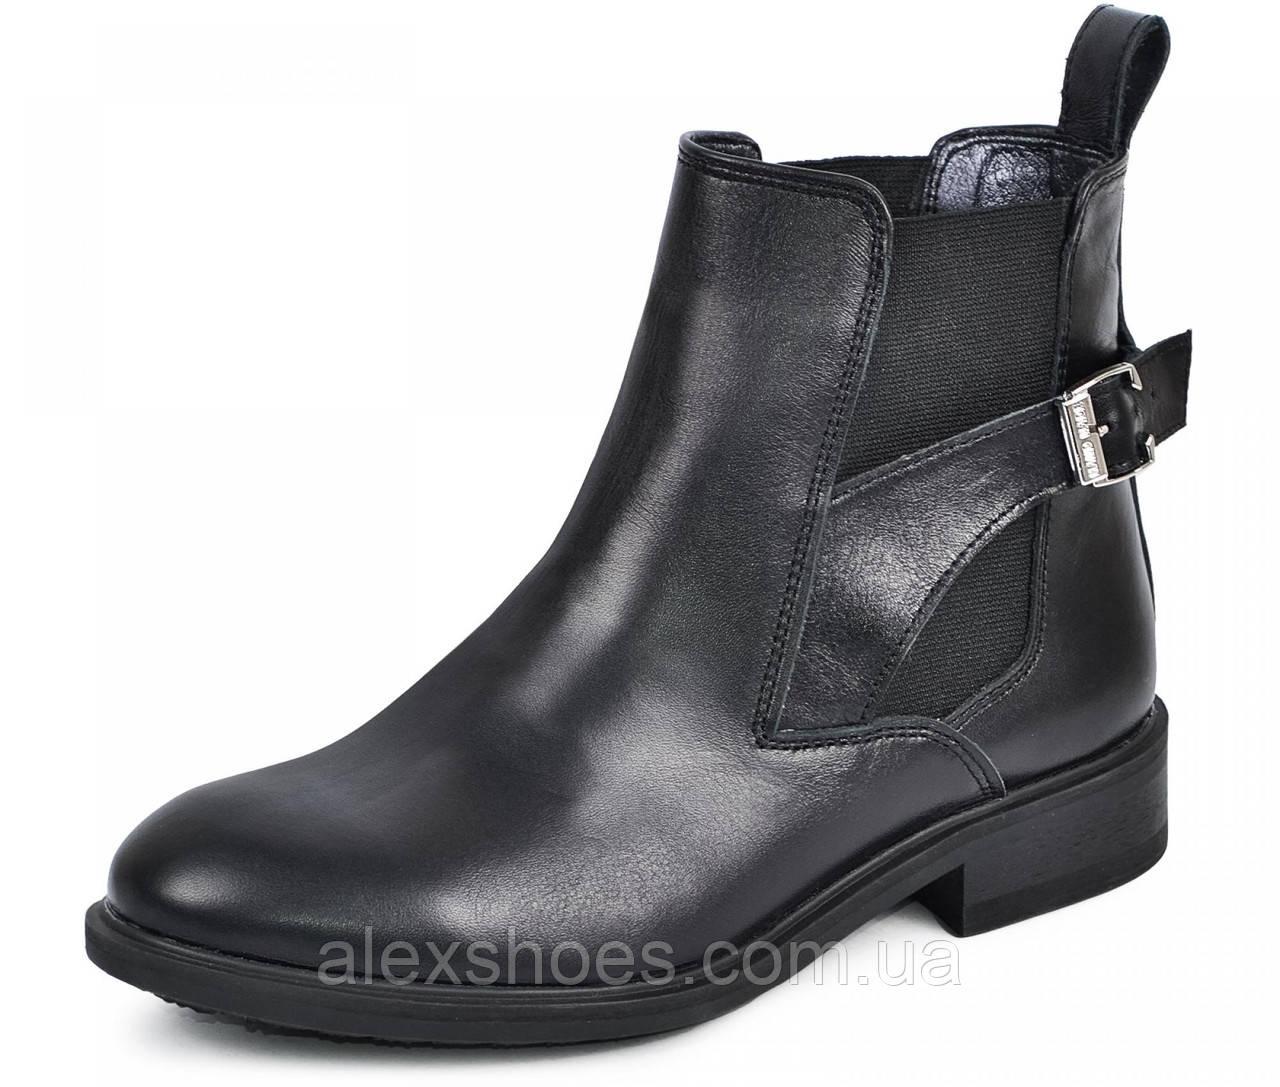 Ботинки демисезонные на низком каблучке из натуральной кожи от производителя модель МАК951